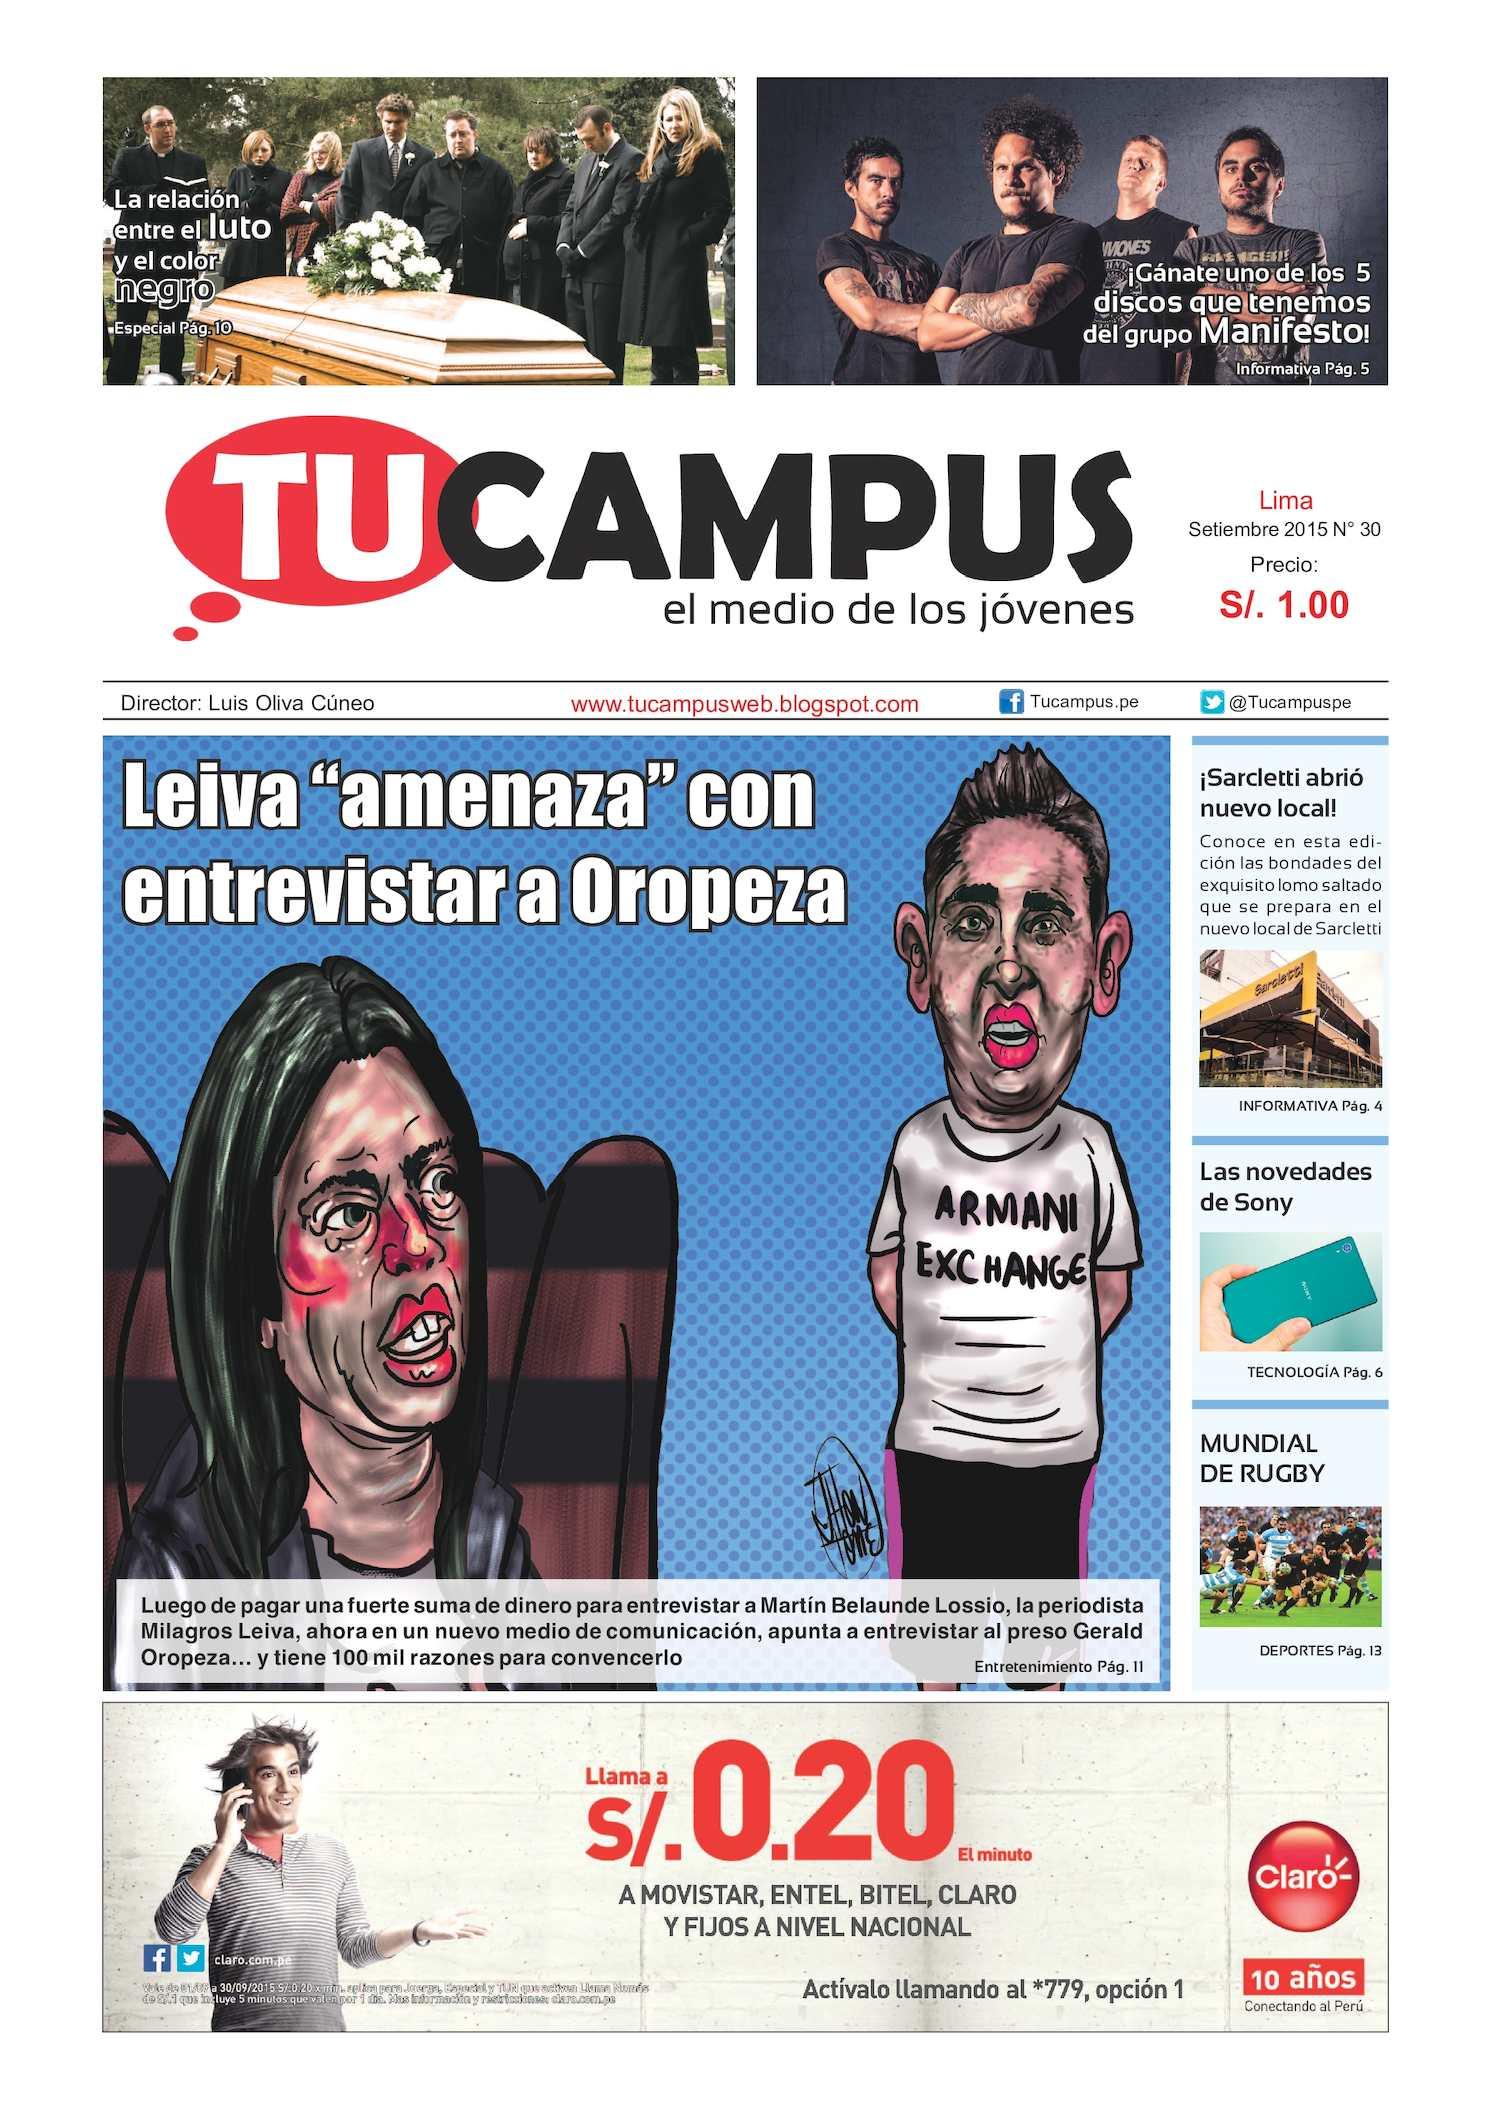 Septiembre 2015 2015 Septiembre Tucampus Calaméo Septiembre Calaméo Calaméo Tucampus Tucampus dBCoex